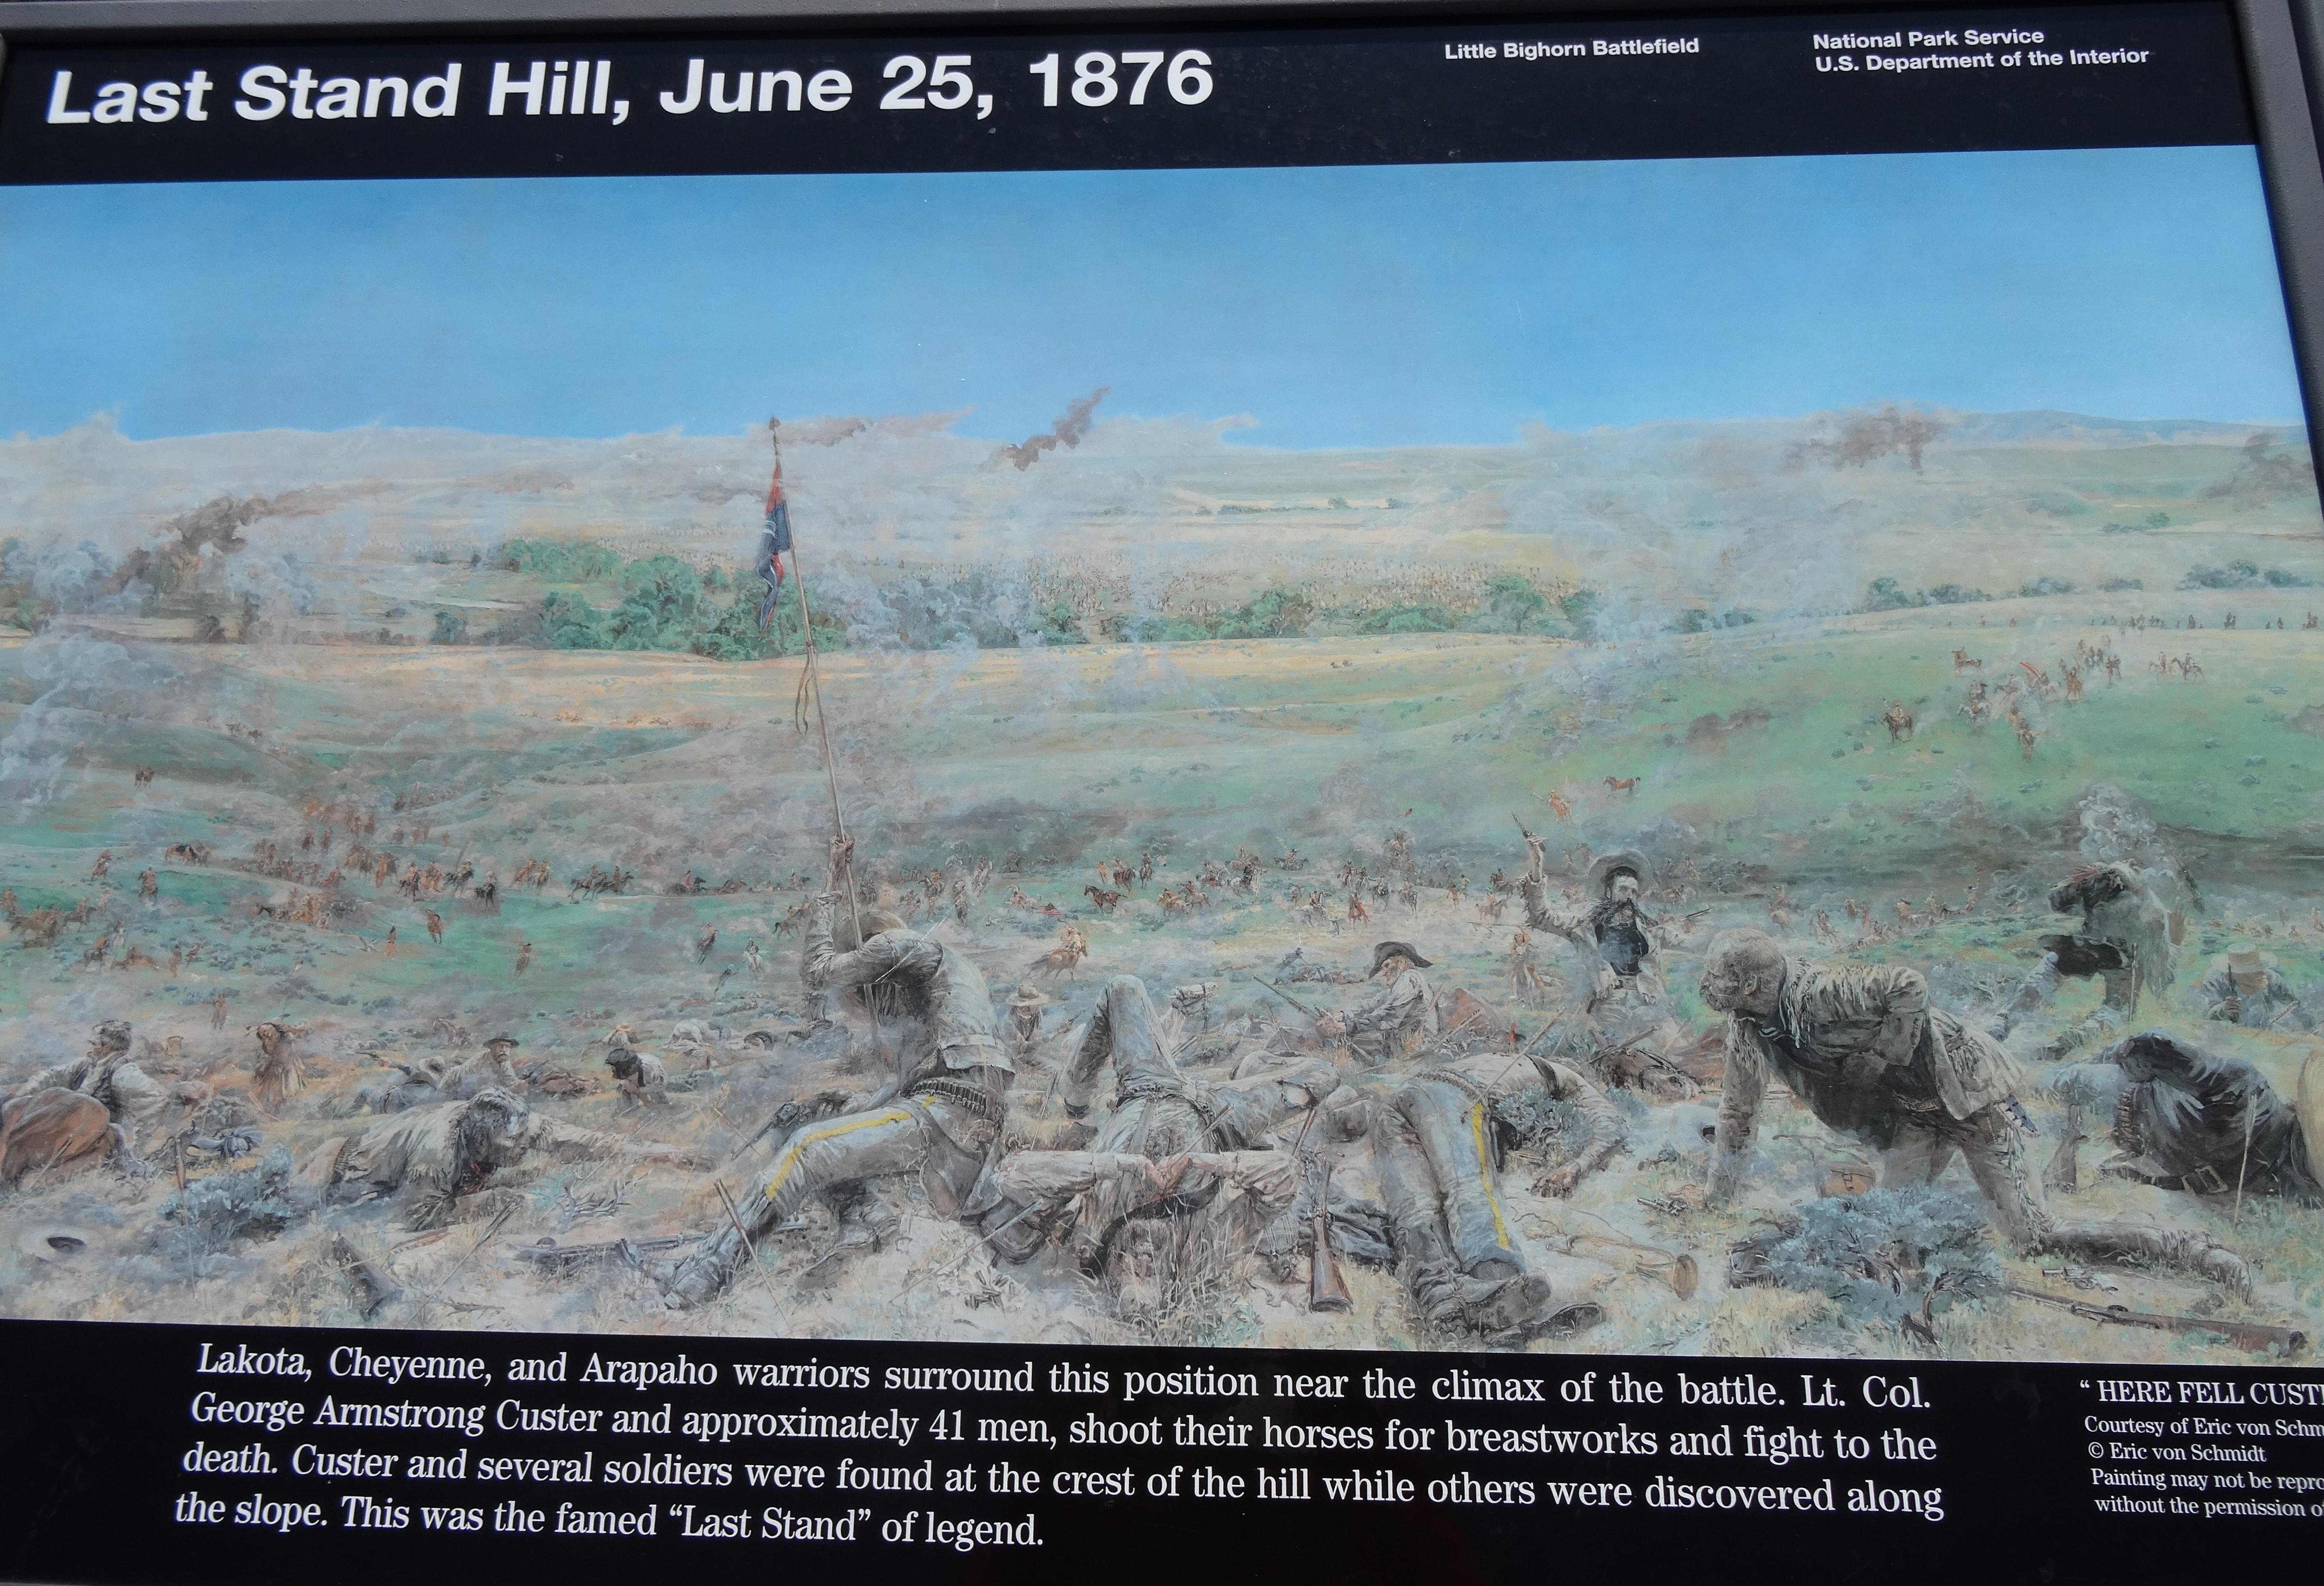 Little Bighorn Battlefield